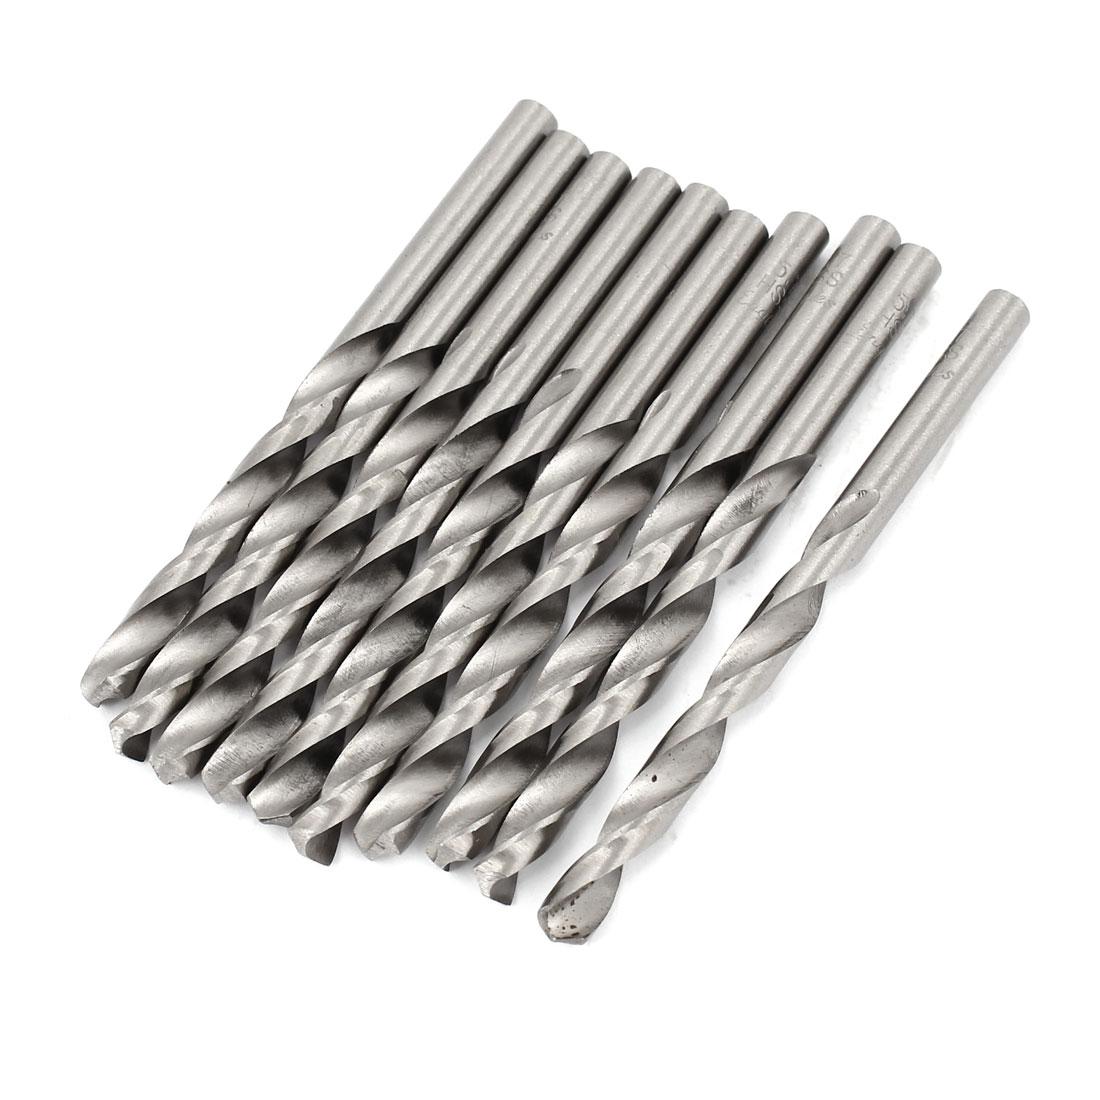 5.7mm x 62mm Straight Shank HSS Twist Drill Drilling Bits Silver Tone 10pcs